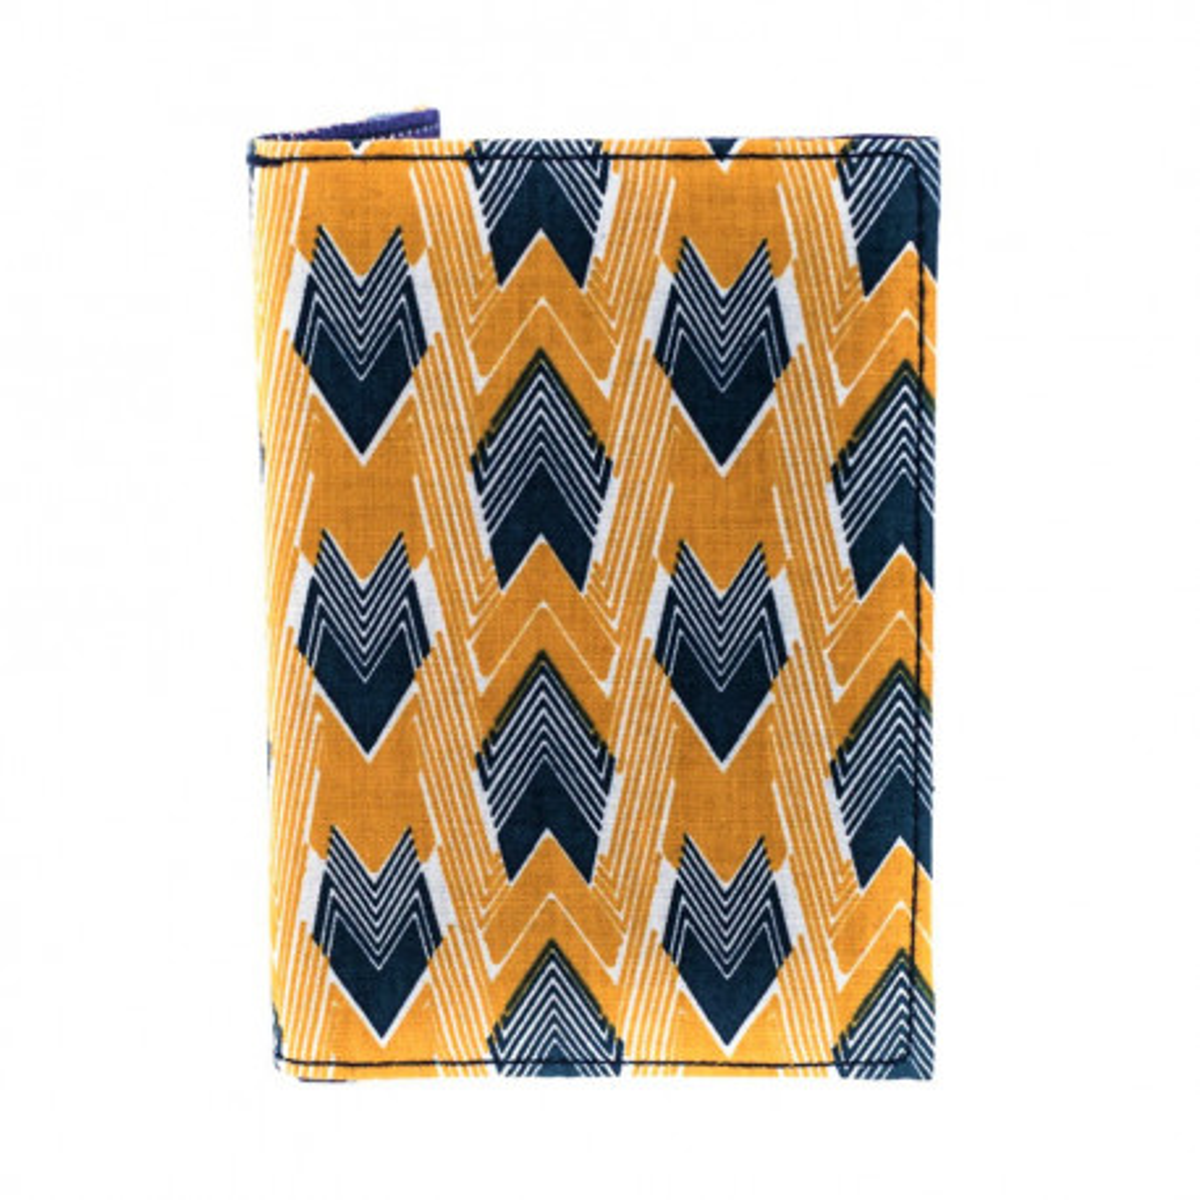 Porte-cartes rigide en coton jaune et bleu à pois